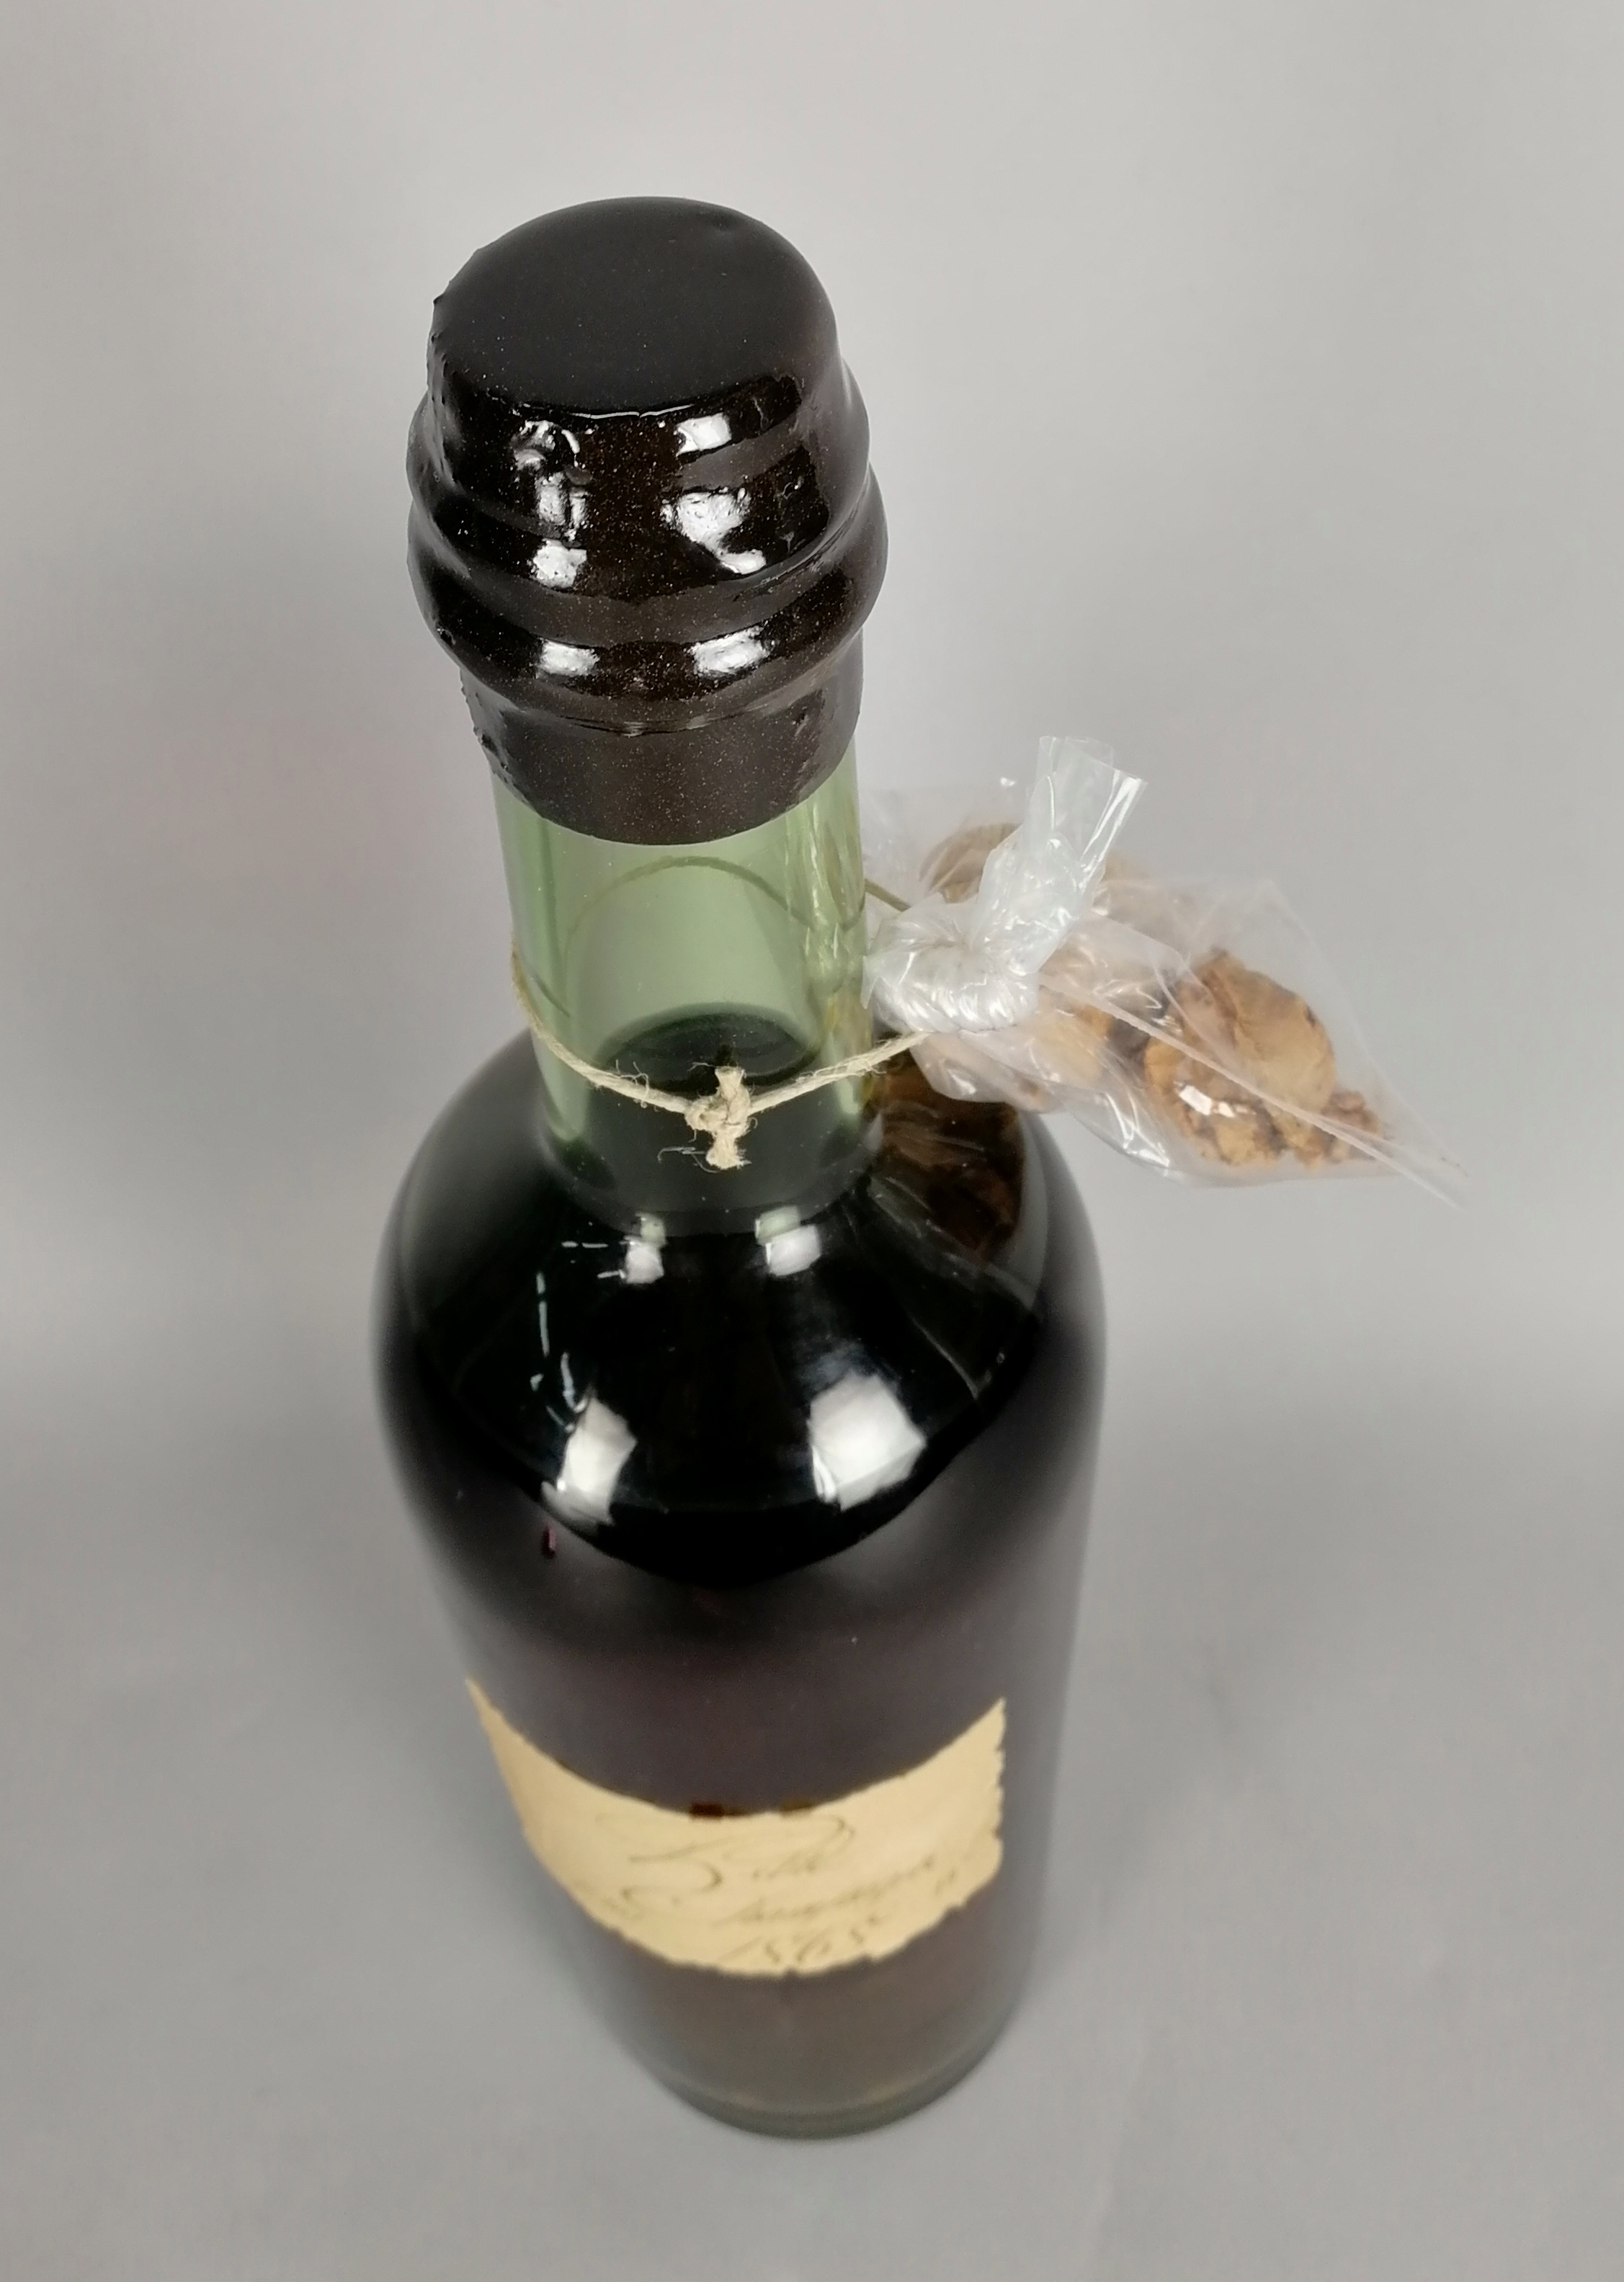 Lot 47 - Cognac CHARLES LHERAUD - Domaine de Lasdoux, Petite Champagne, Vintage 1868. Imbottigliamento